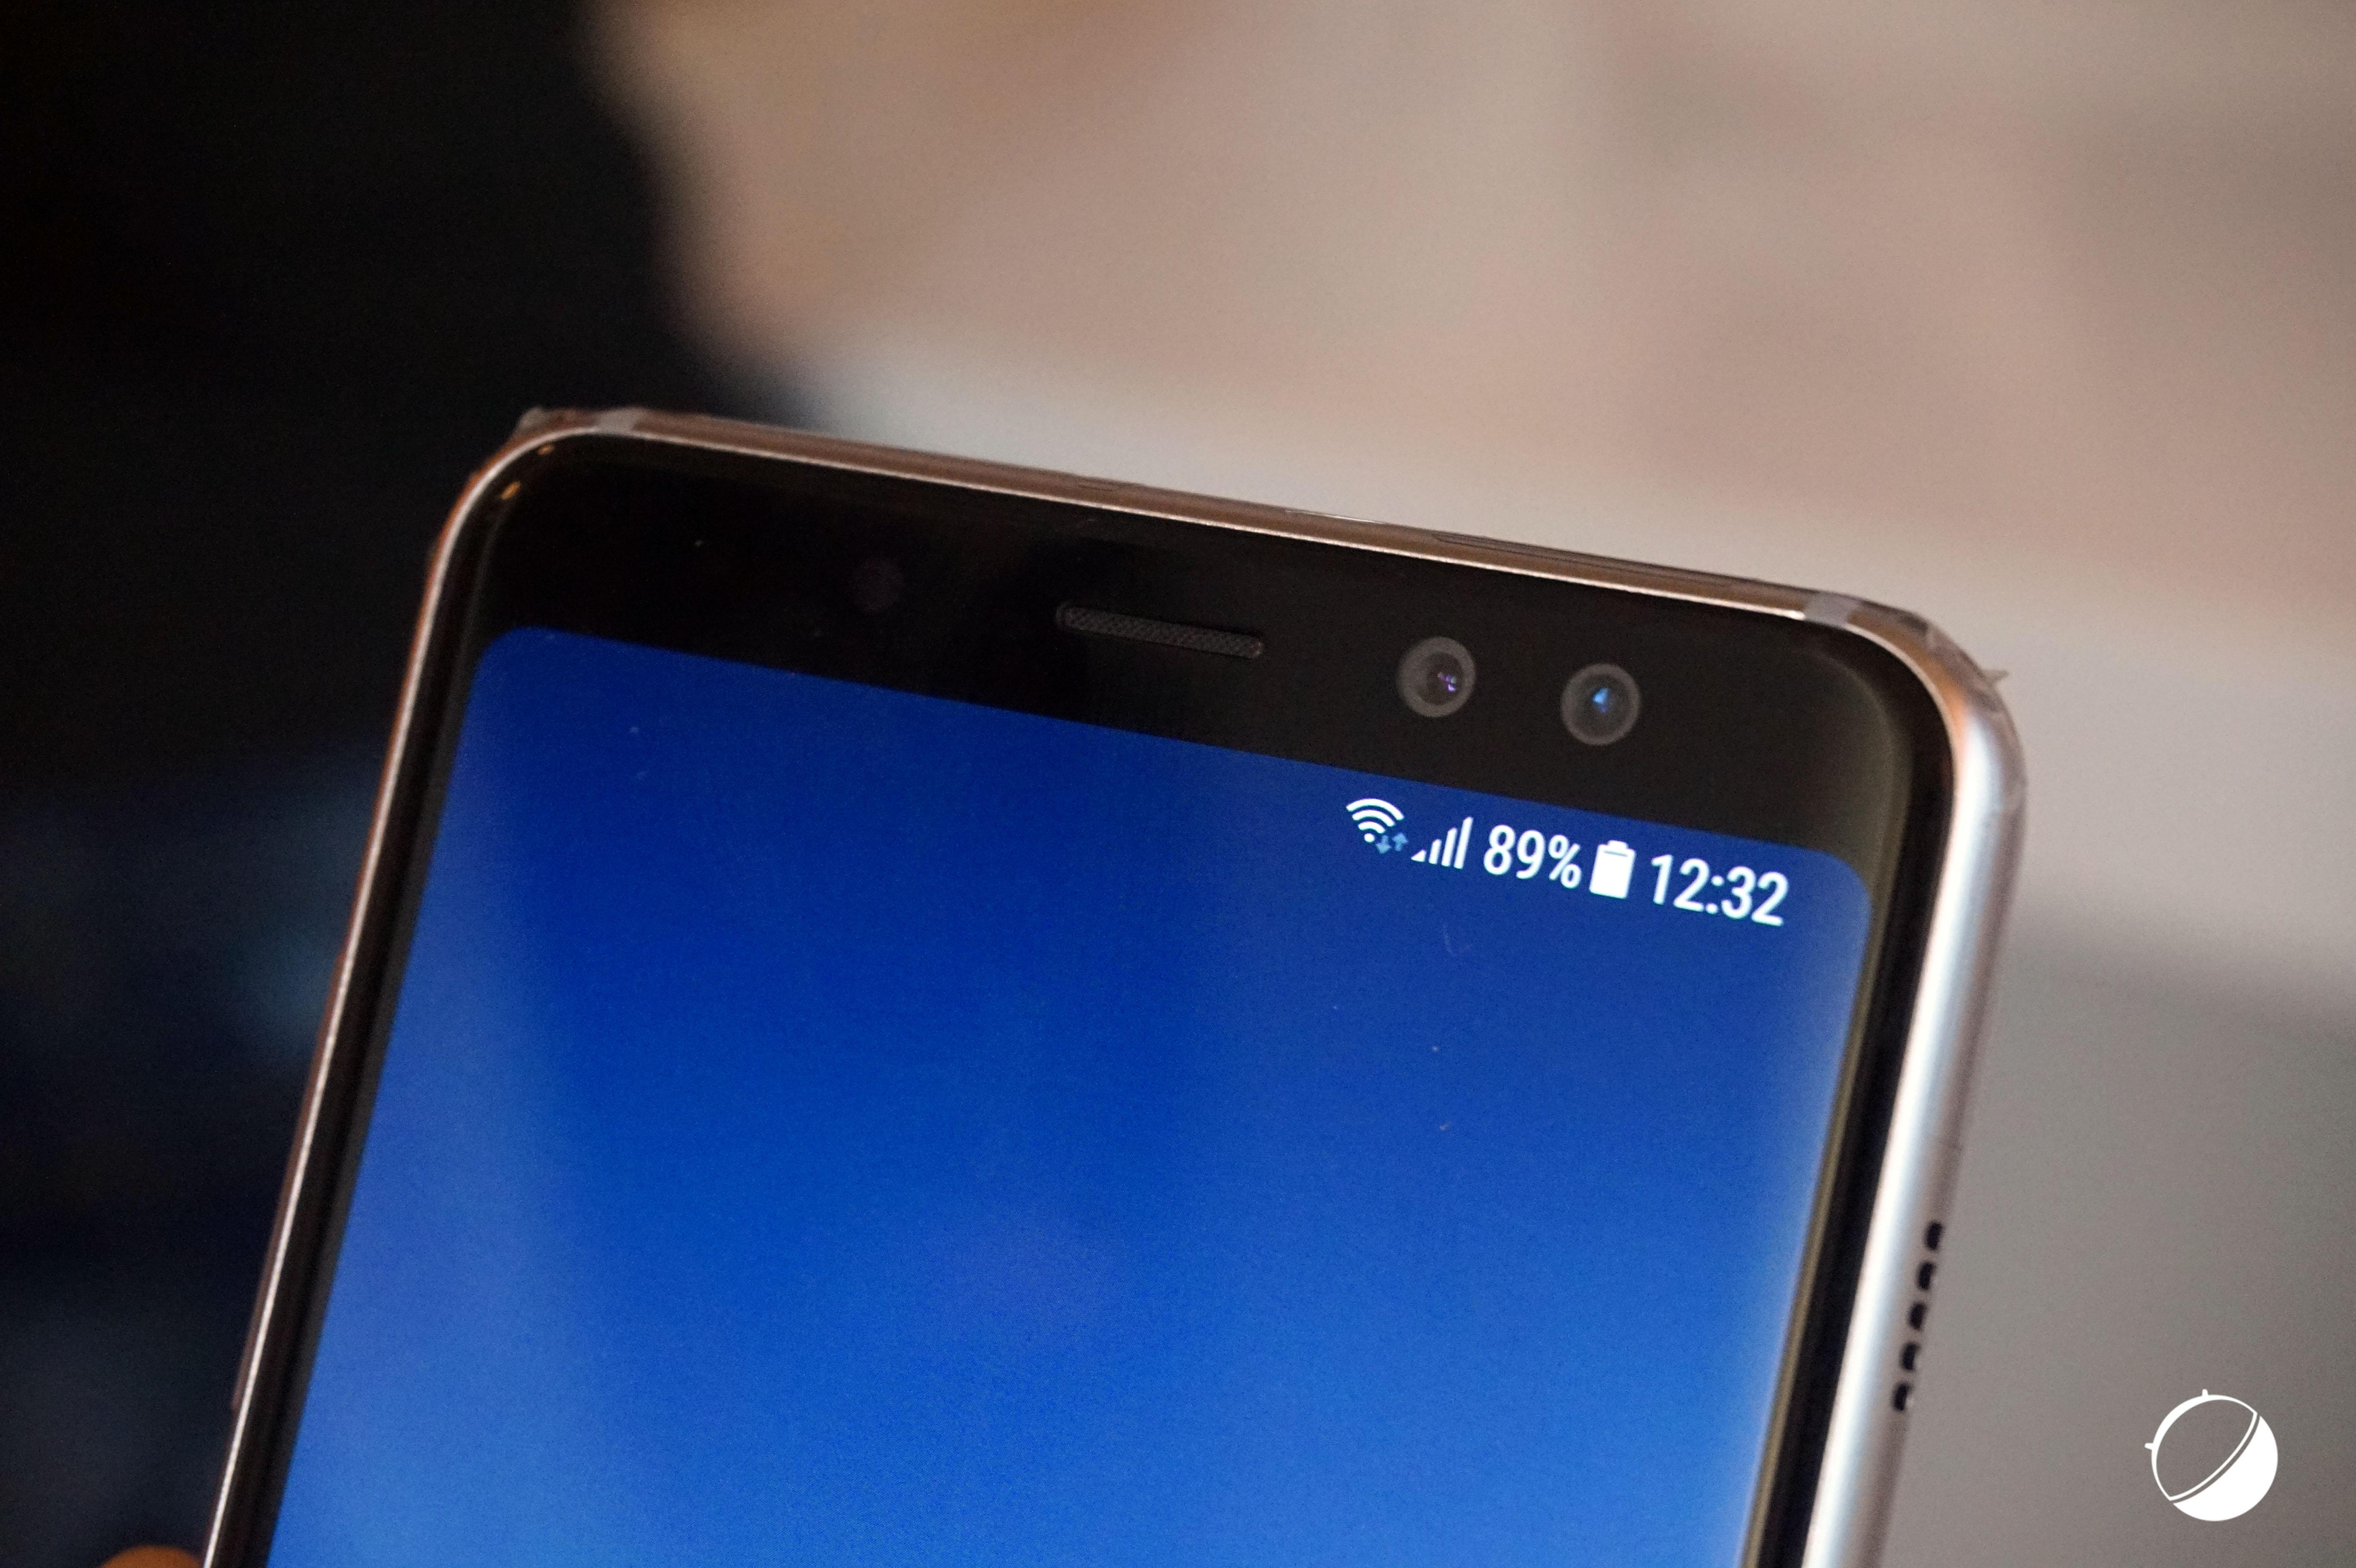 Samsung Galaxy A8 (2018): ce qui le différencie du Galaxy S8